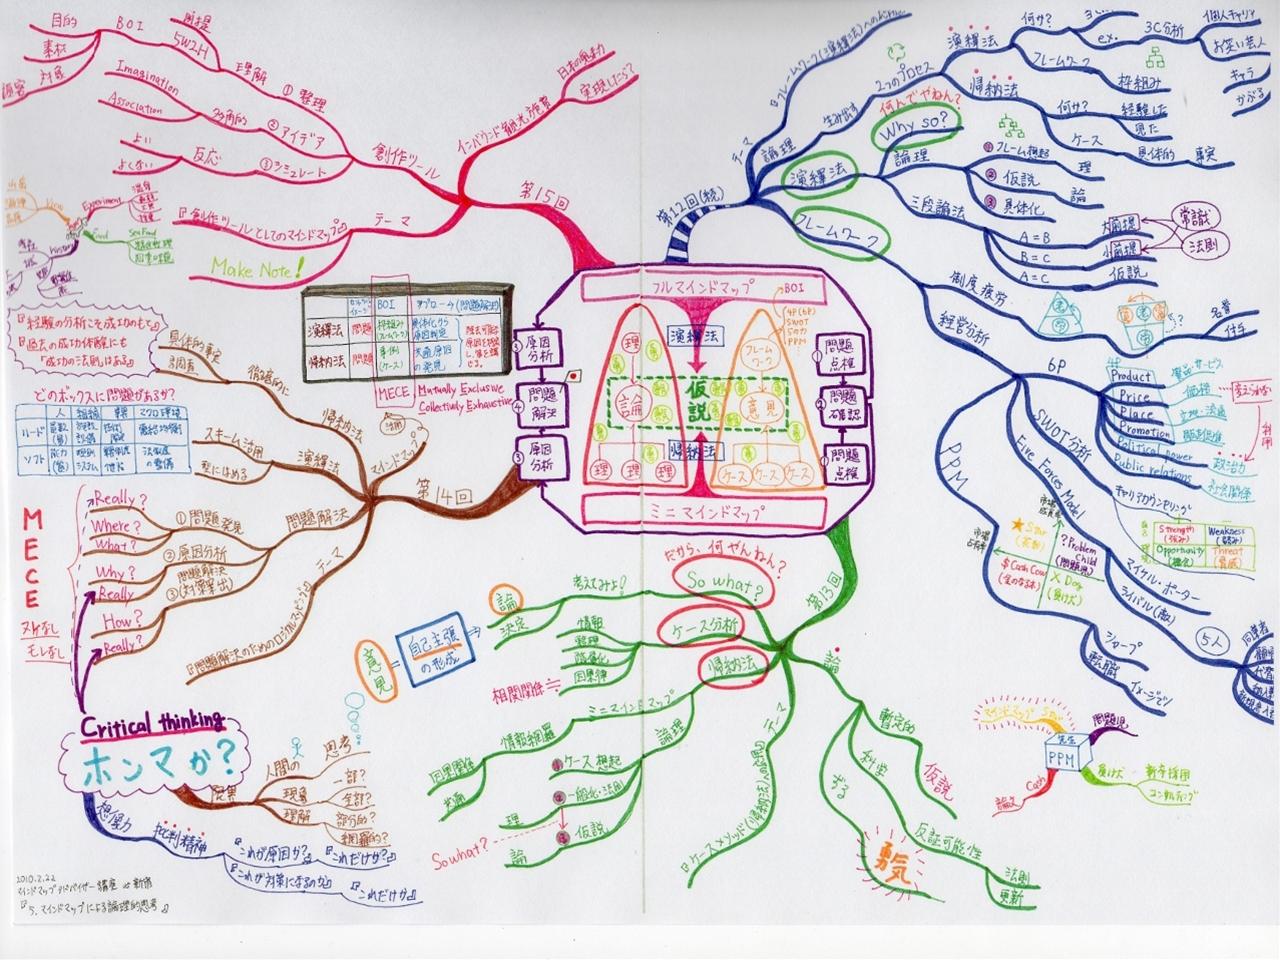 マインドマップアドバイザー講座 at 新宿 『5.マインドマップによる論理的思考』